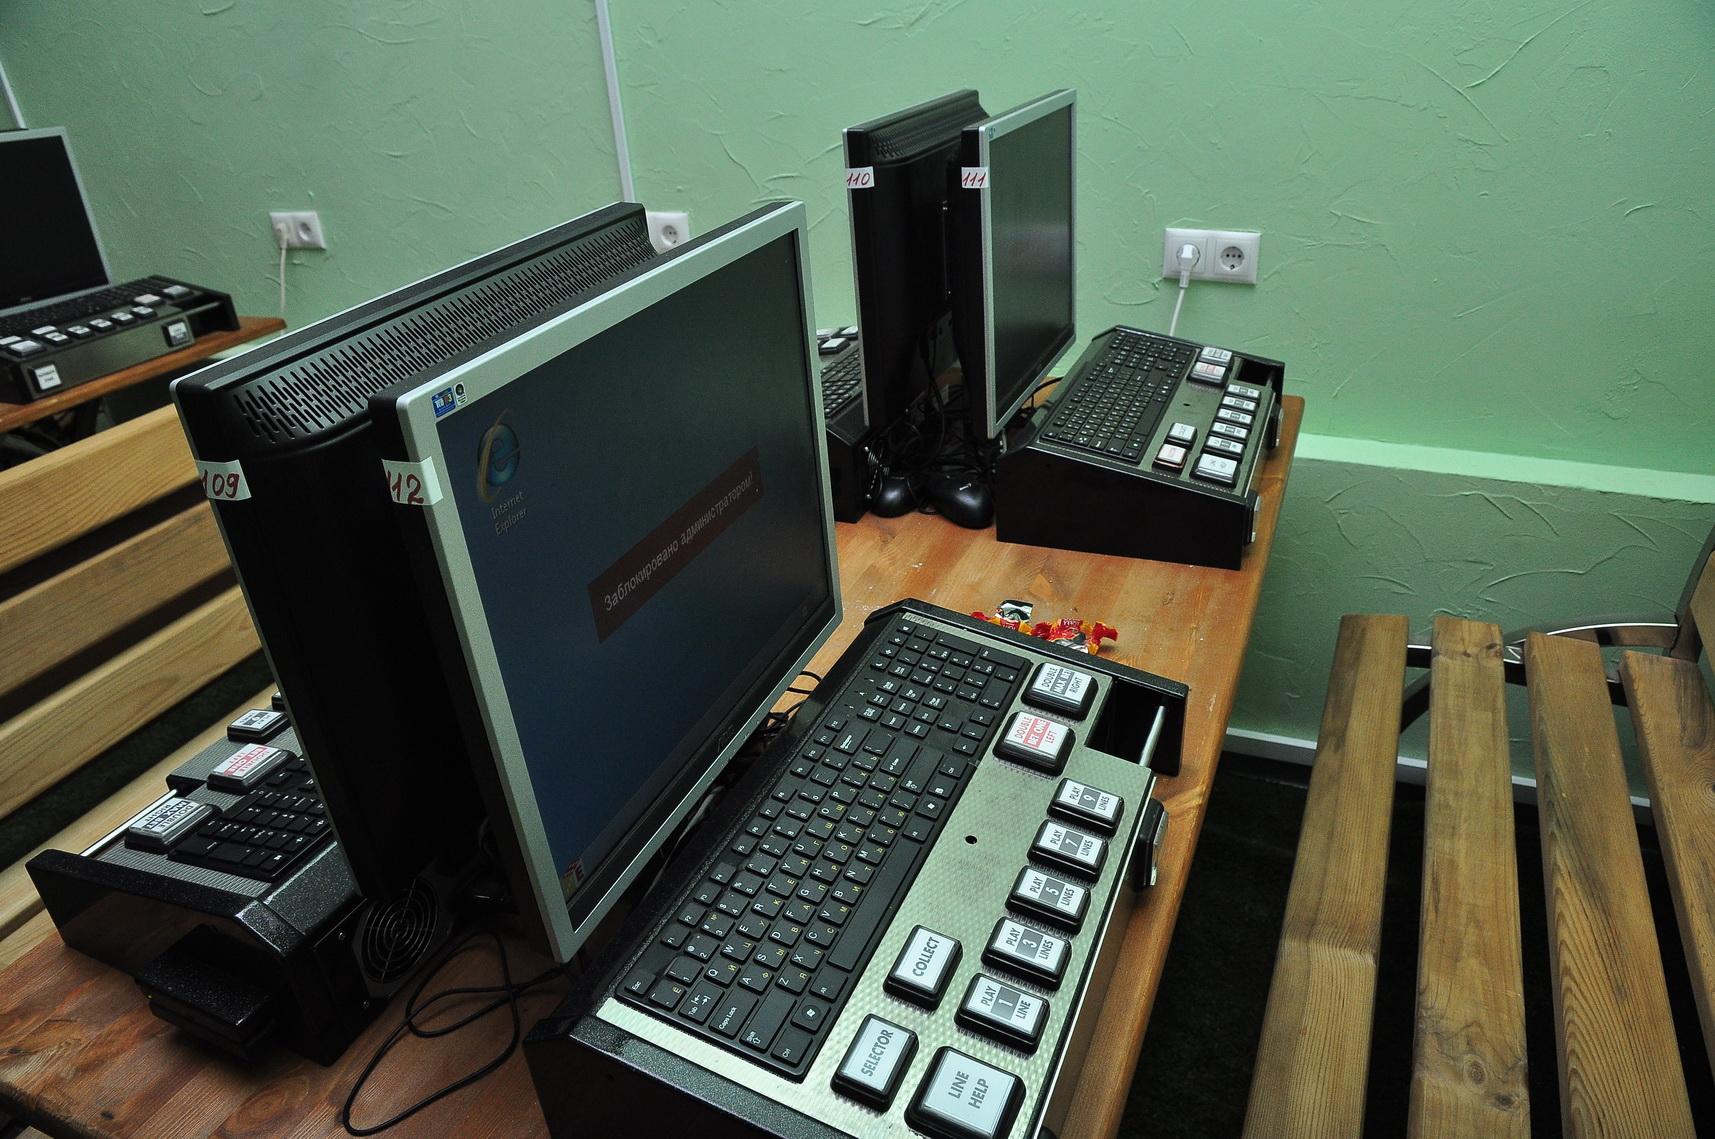 Игровые автоматы компьютеры игровые автоматы играть бесплатно онлайн без регистрации и смс слоты